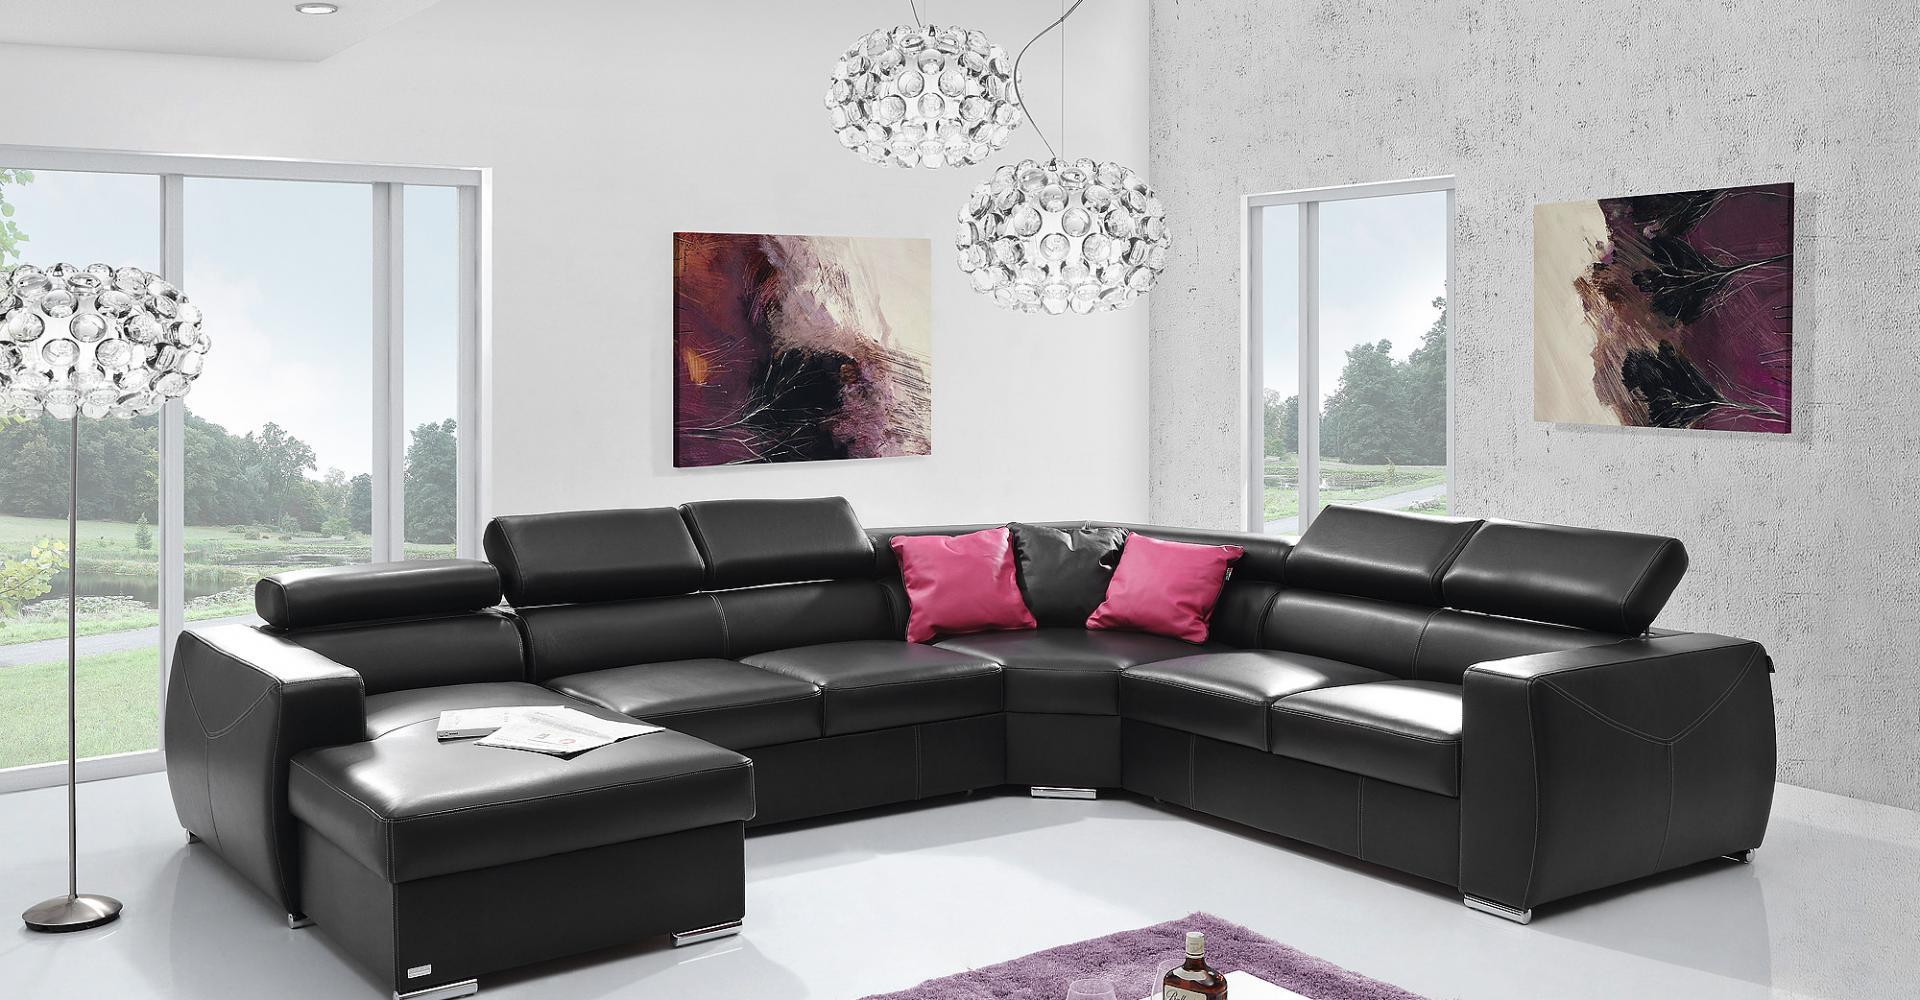 VENTO ekskluzywna kolekcja  kierowana dla najbardziej wymagających Klientów, chcących zaaranżować swoje wnętrze w pięknym i niepowtarzalnym klimacie.